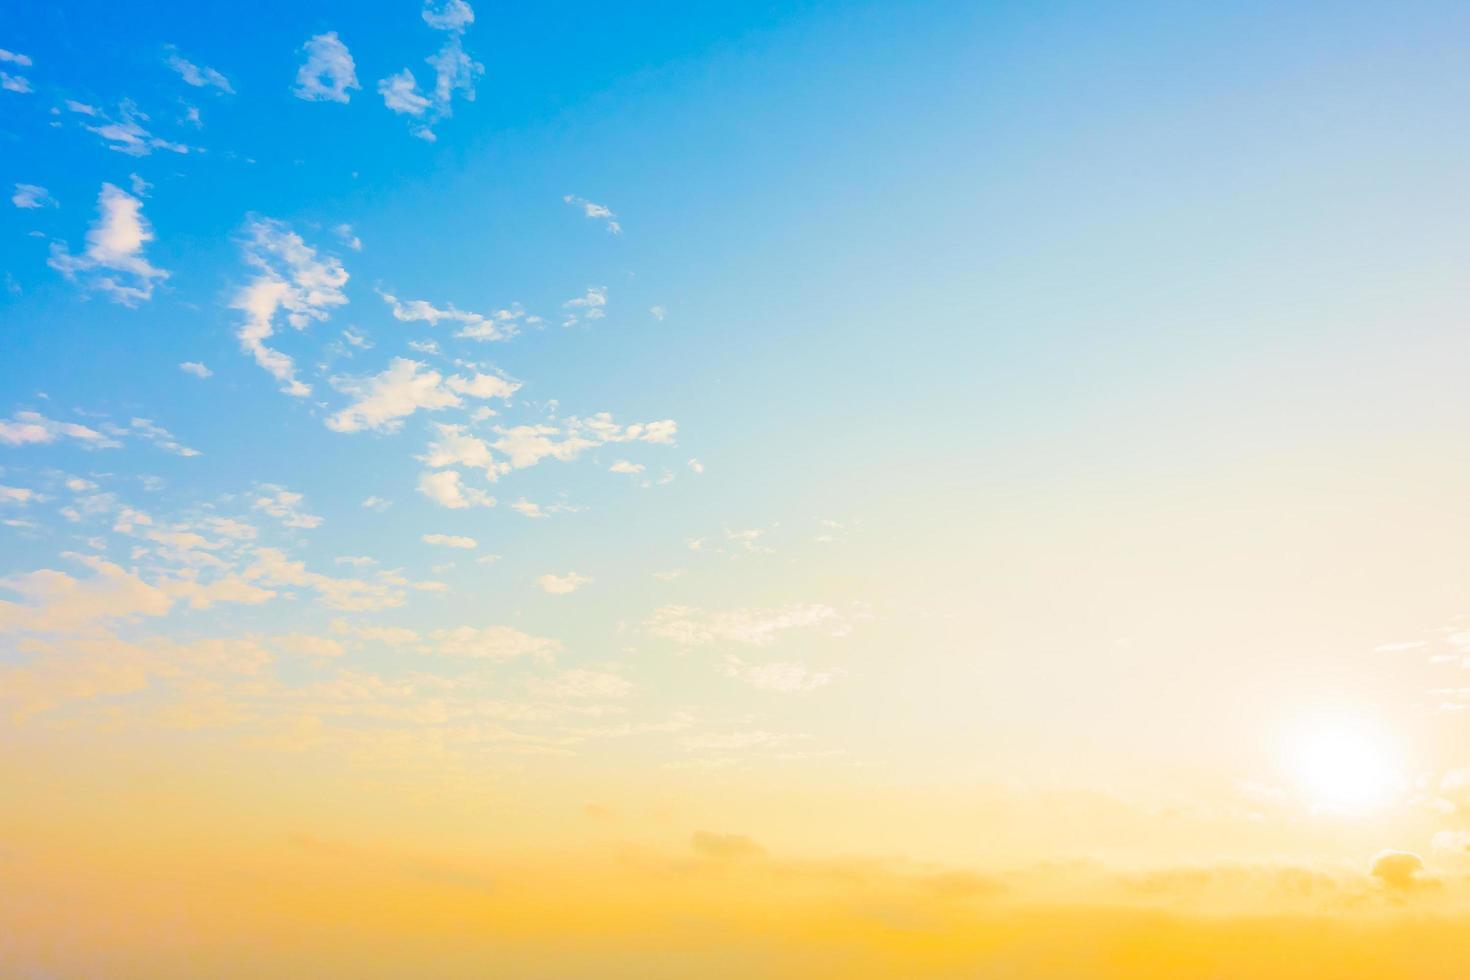 Weinlesewolke auf Himmelhintergrund foto